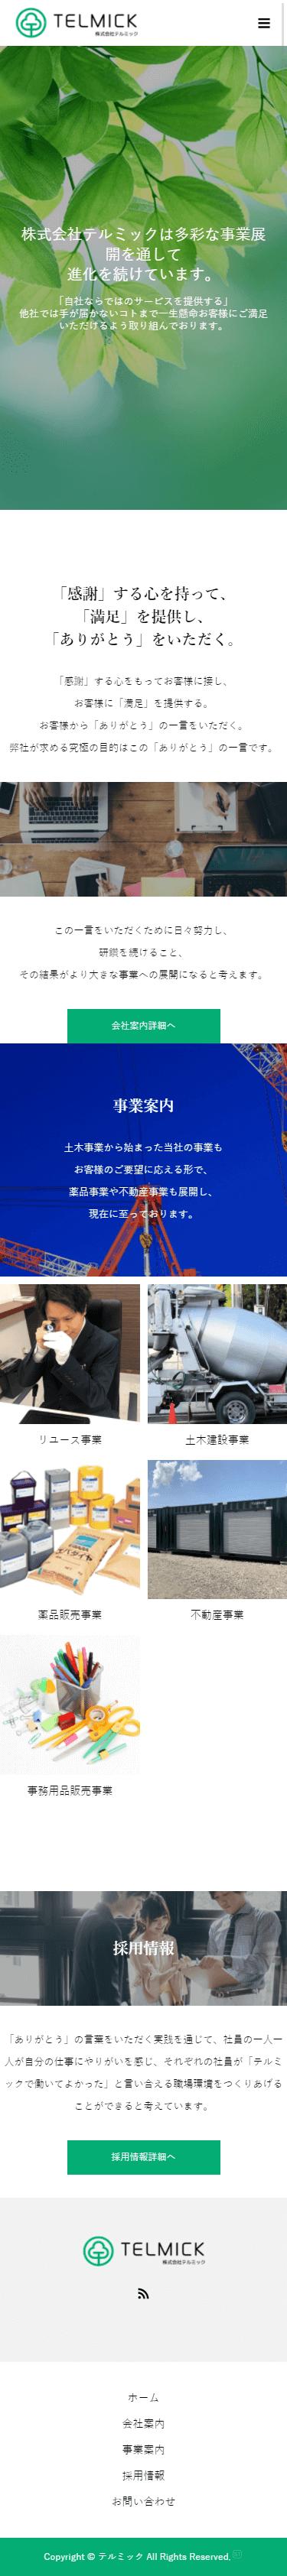 姫路市 株式会社テルミック ホームページ制作3